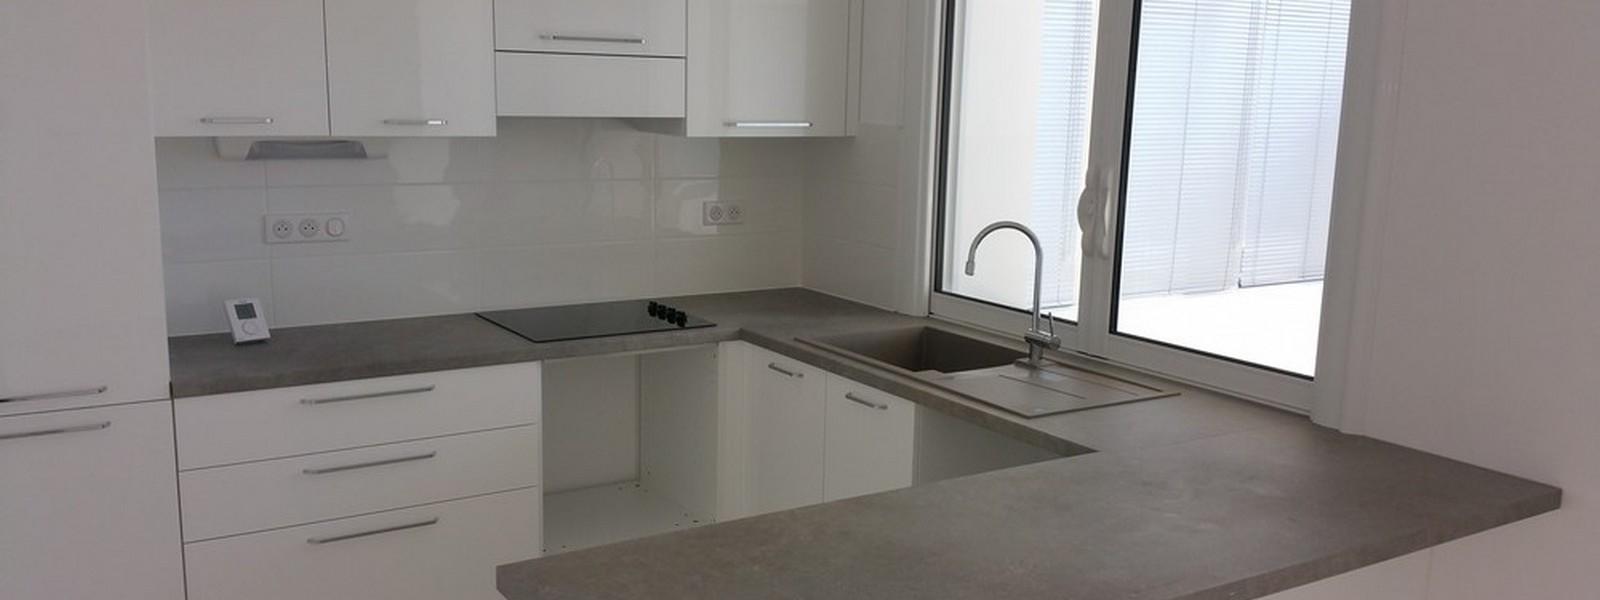 CHEMIN DES PUGINS - Appartements en copropriété - Visuel 2 - Impact immobilier 01